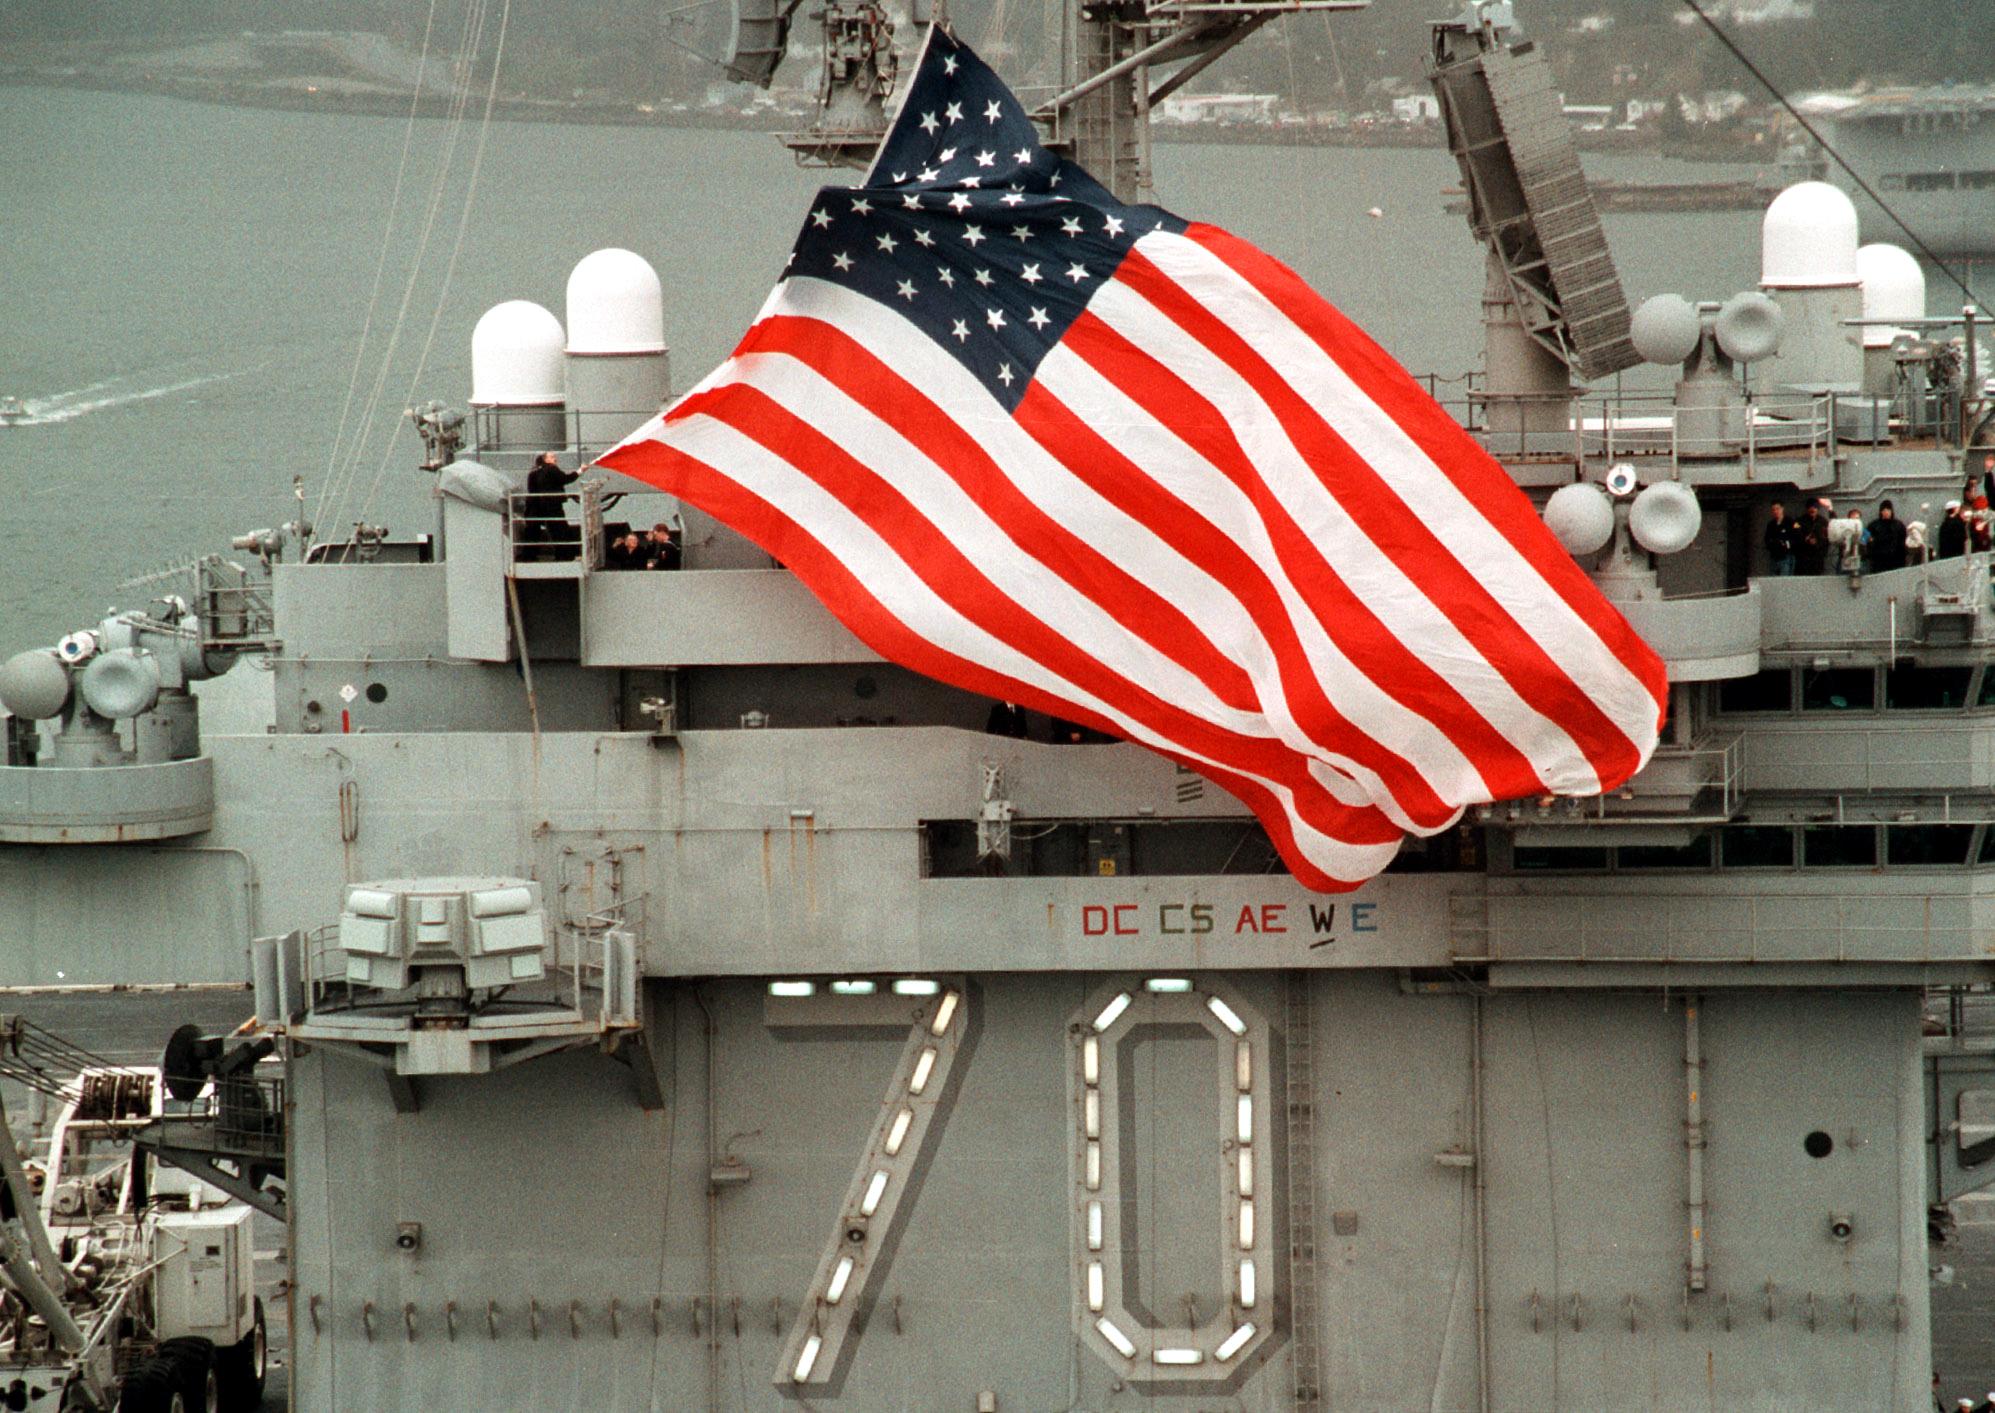 U.s. National Ensign Aboard Uss Carl Vinson.